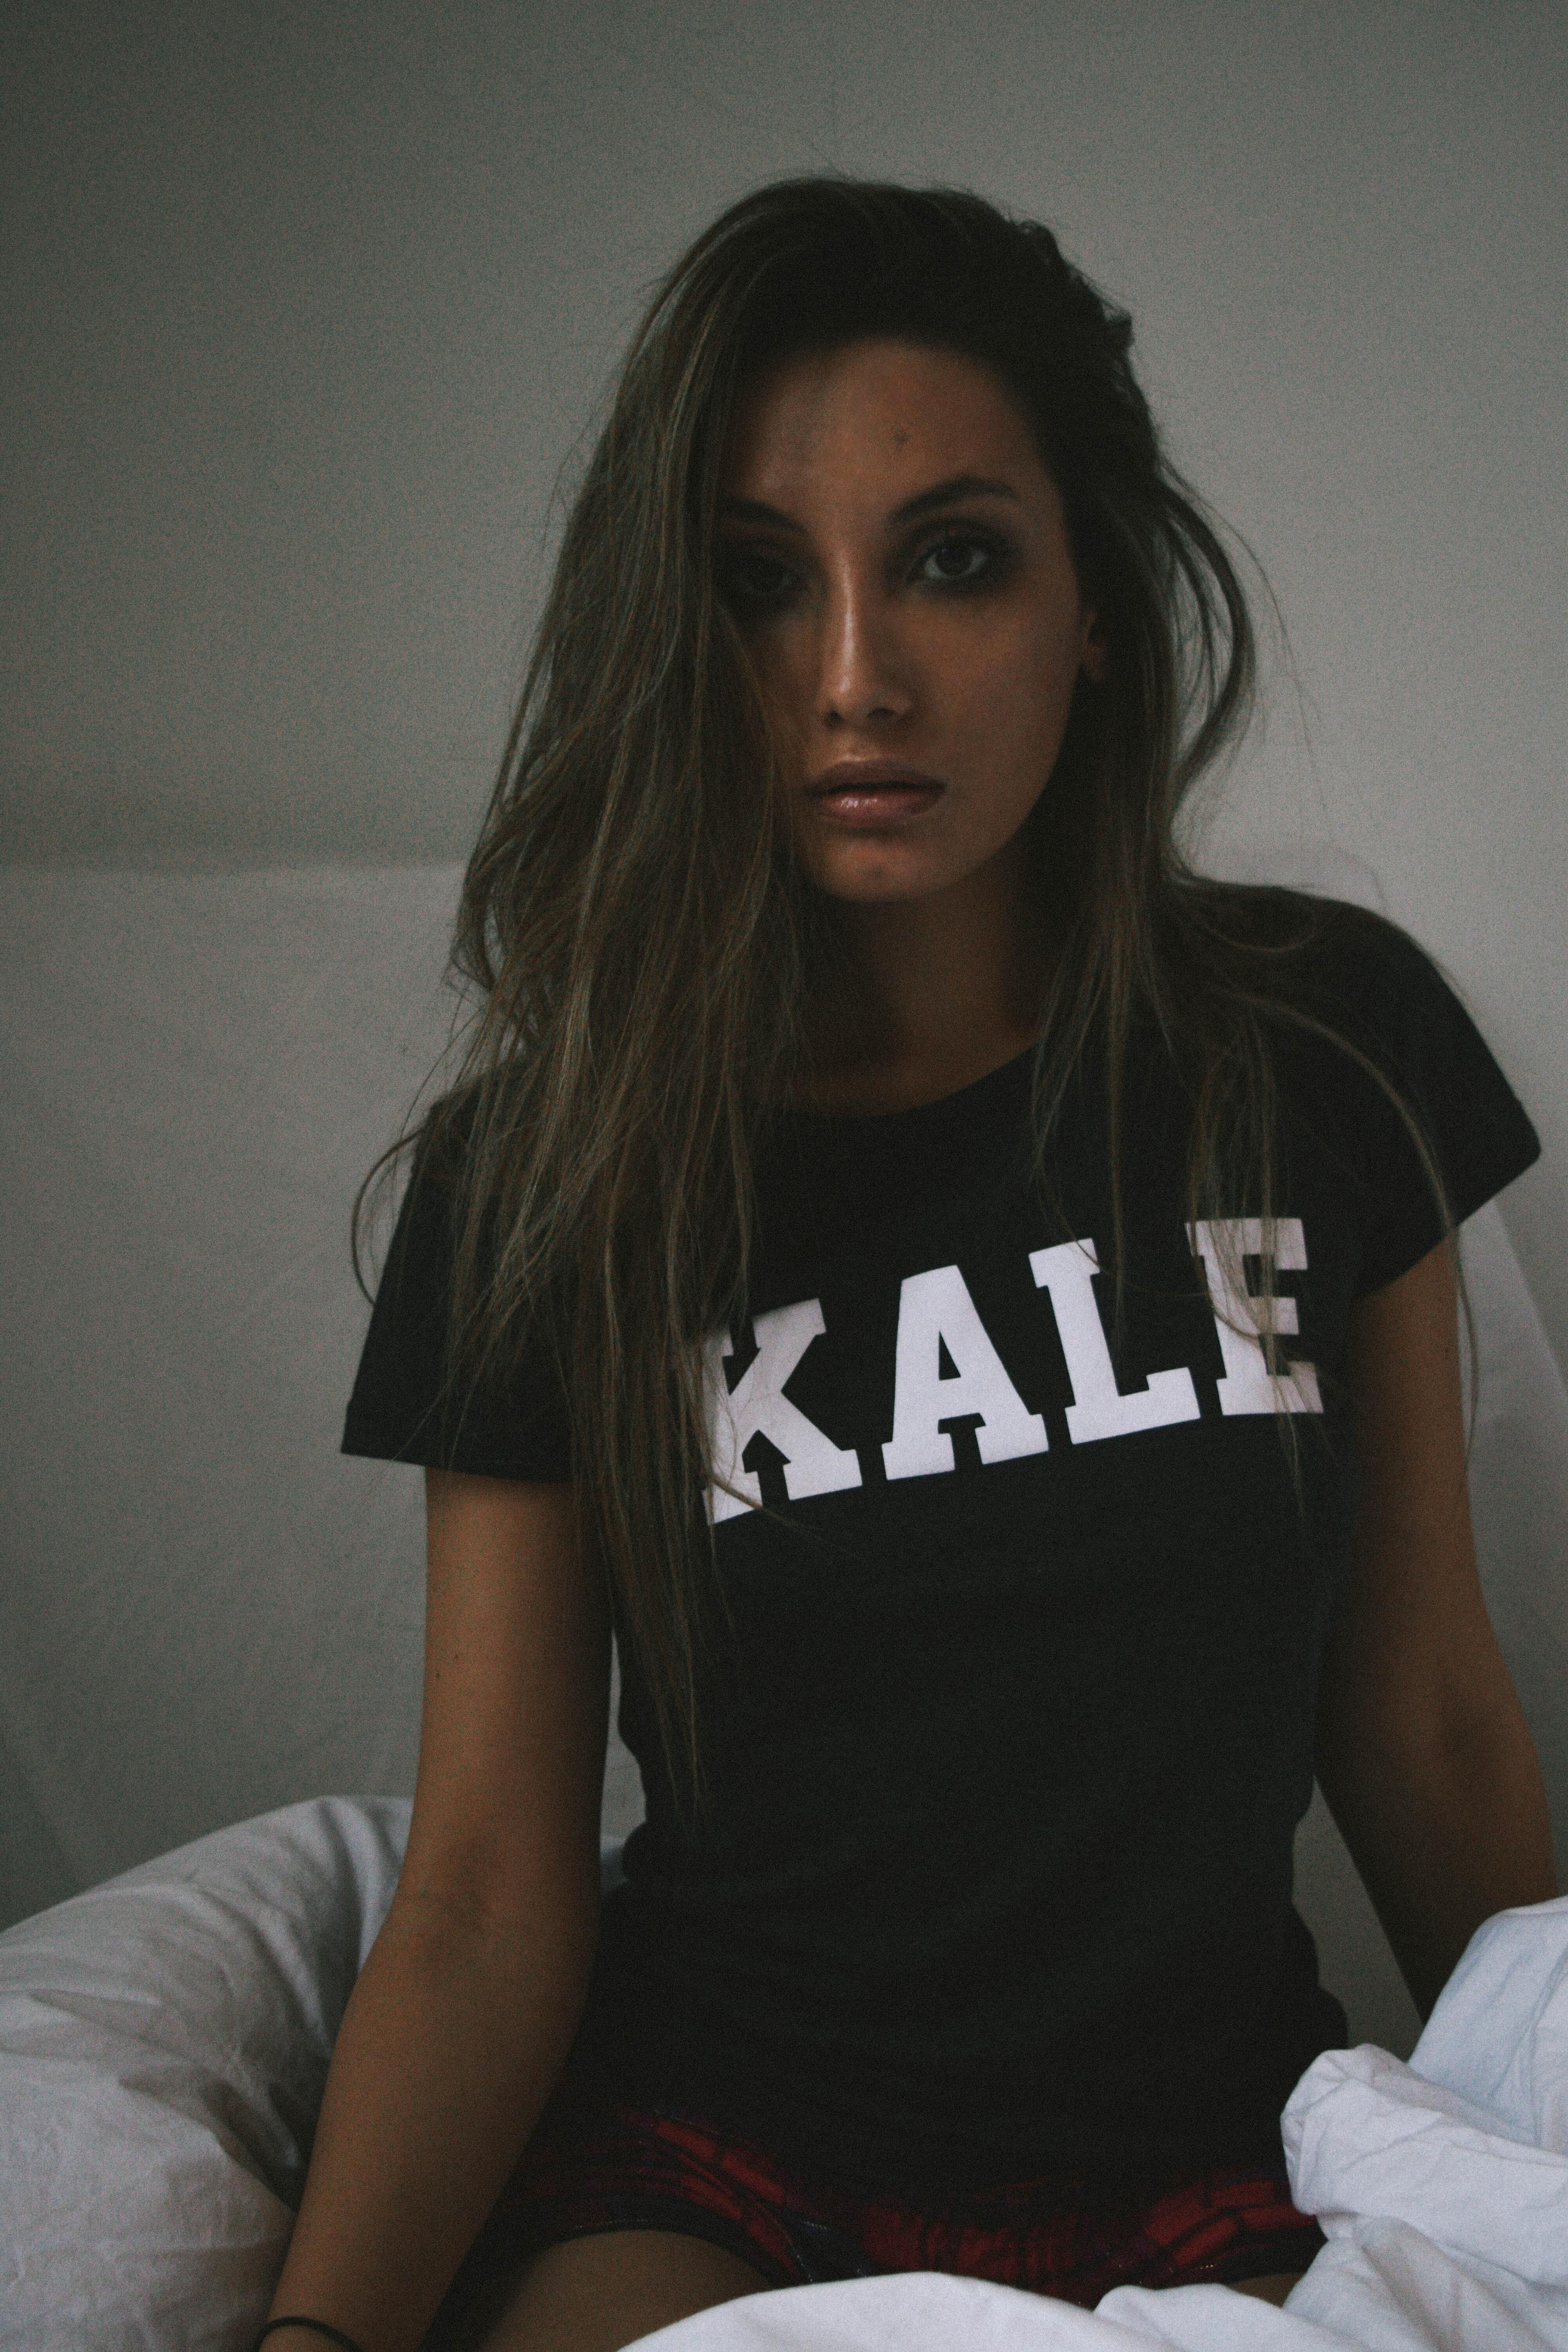 kale-3862